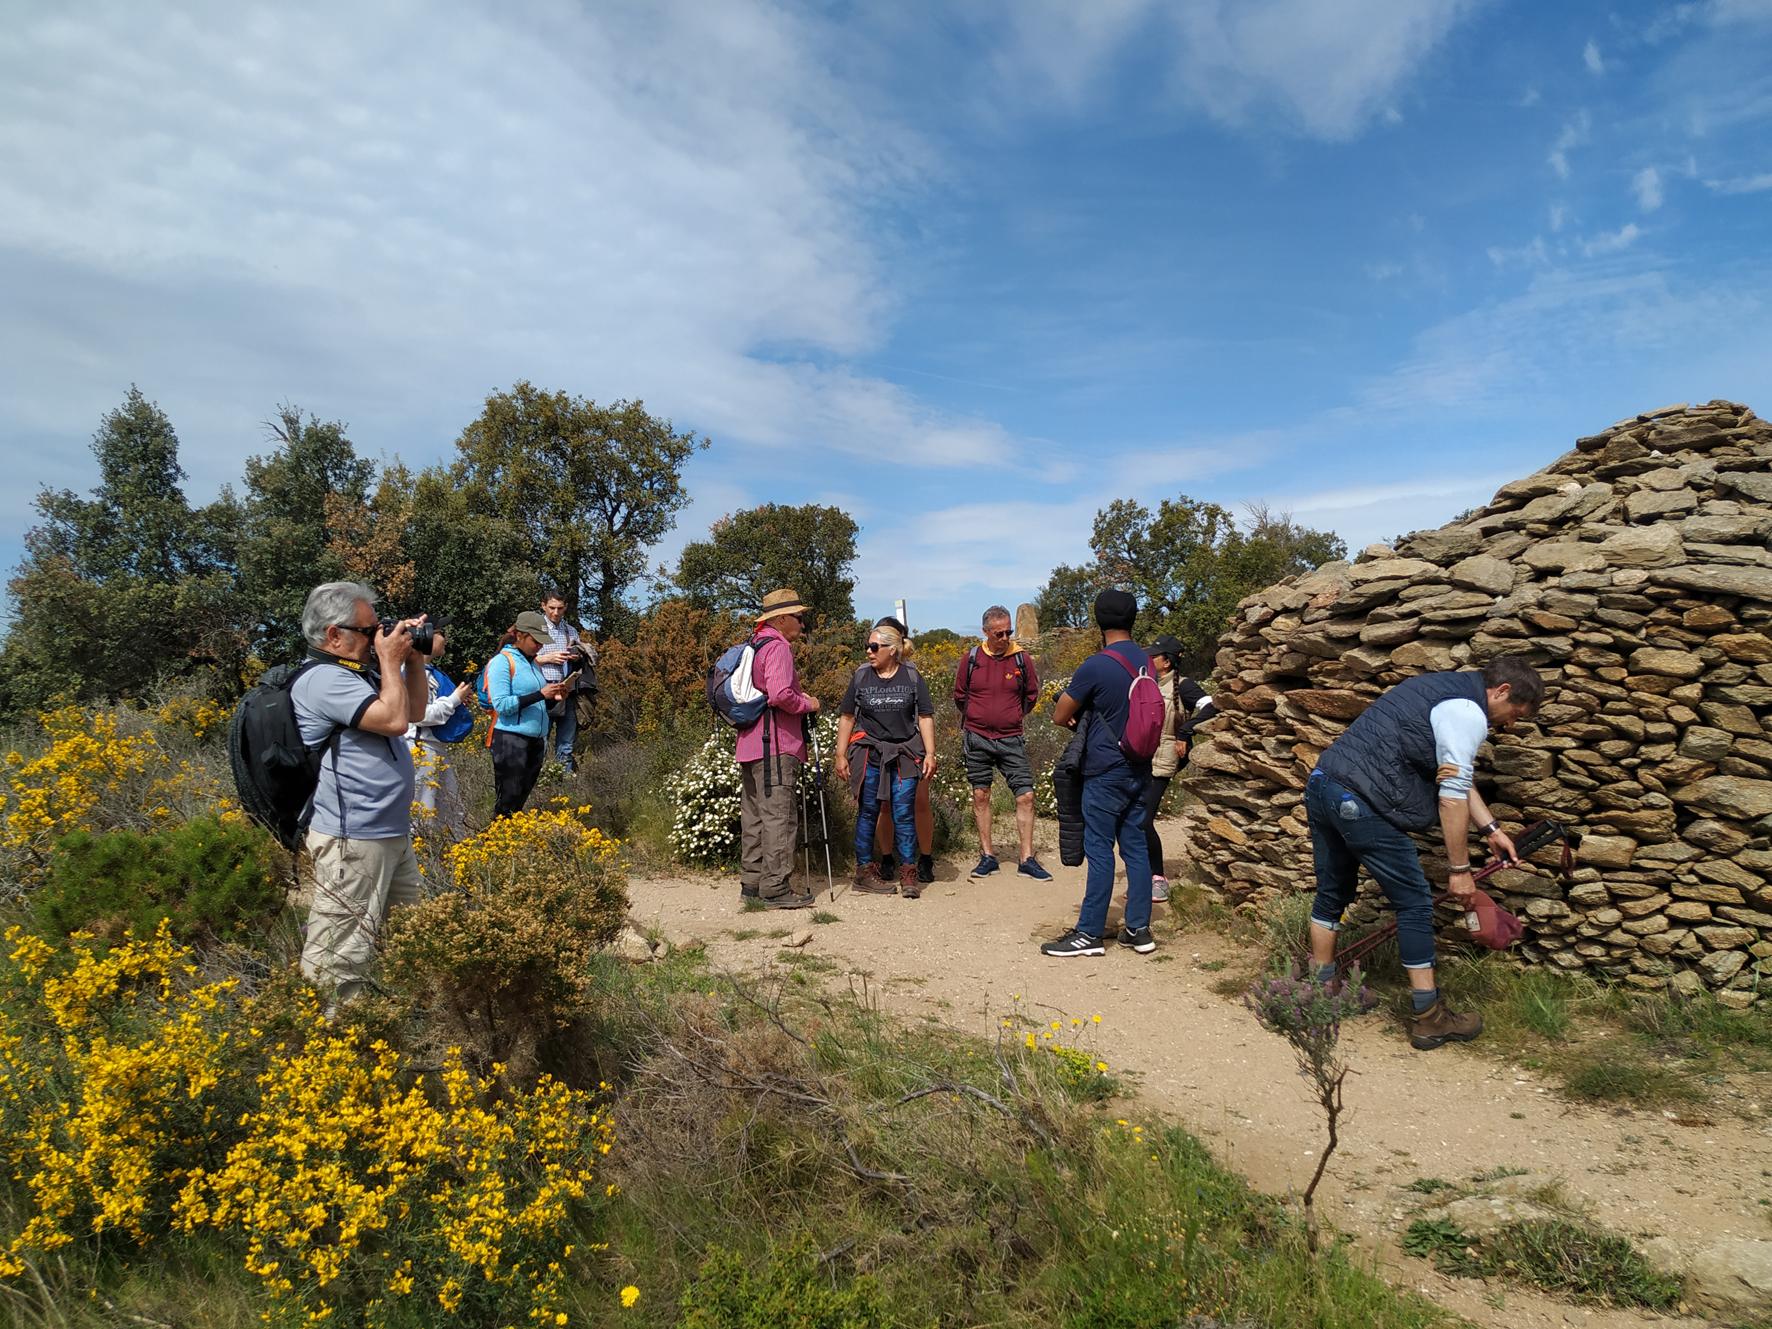 Els alumnes de català de Roses fan una excursió megalítica pels dòlmens i menhirs